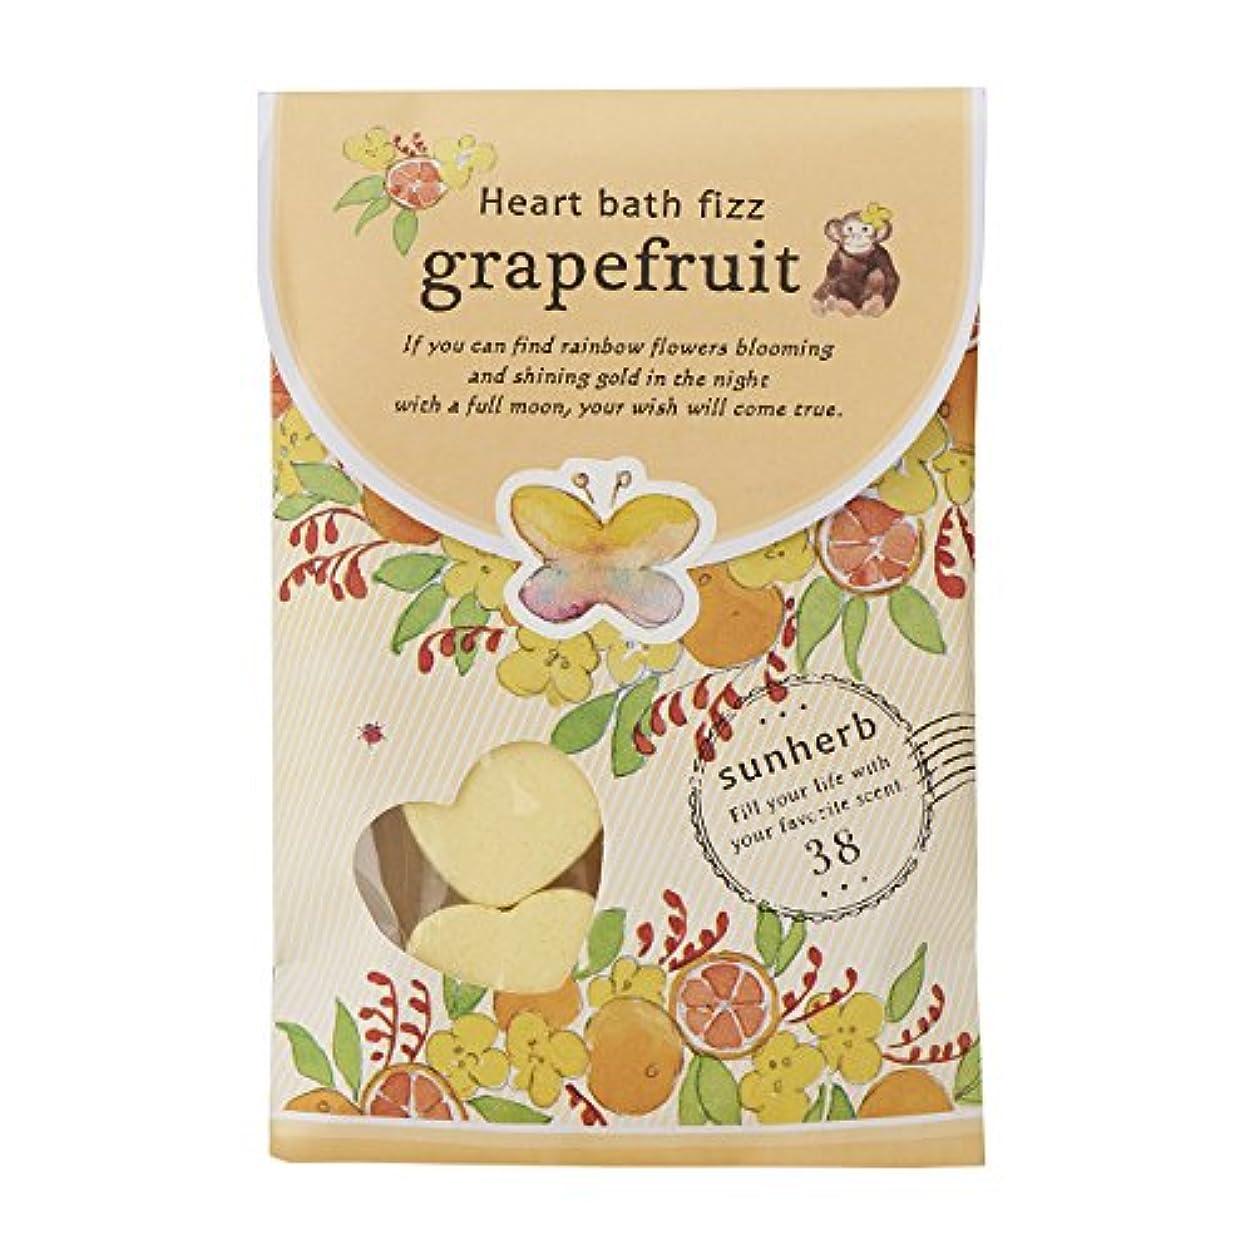 ファンド無限配管サンハーブ ハートバスフィズ28g×2包 グレープフルーツ(発泡タイプの入浴料 シャキっとまぶしい柑橘系の香り)